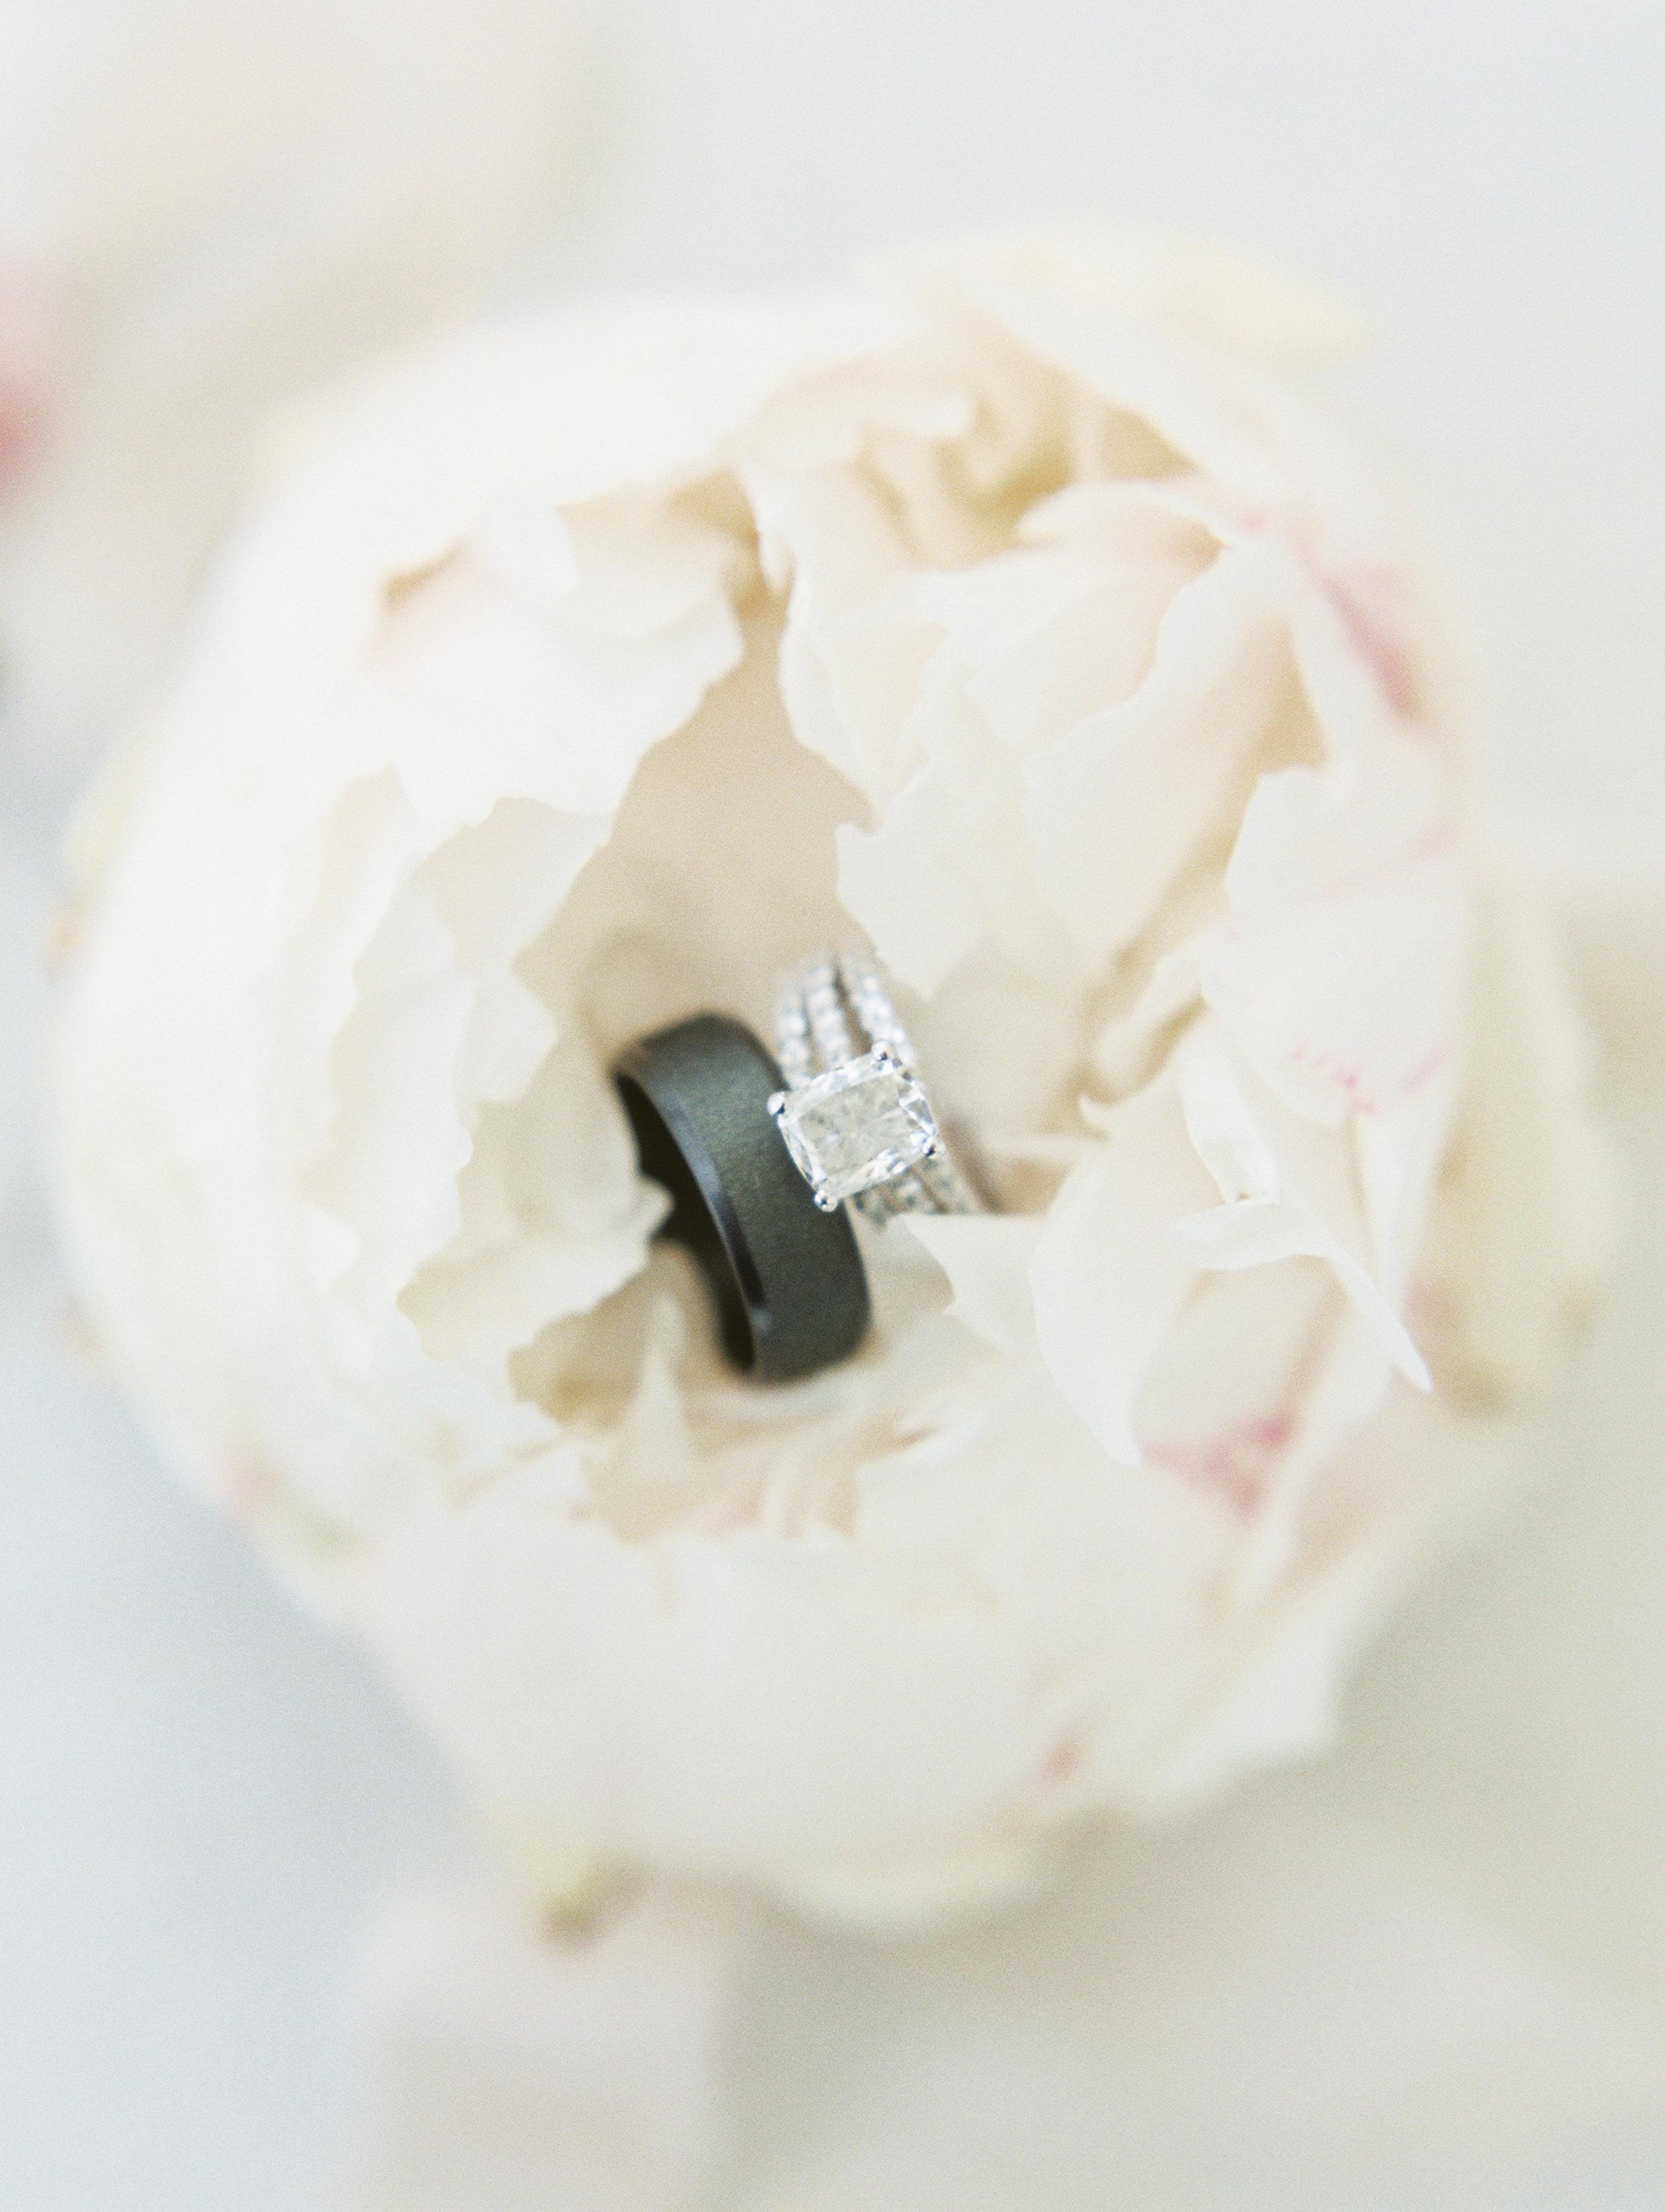 Noss+Wedding+Details-47.jpg